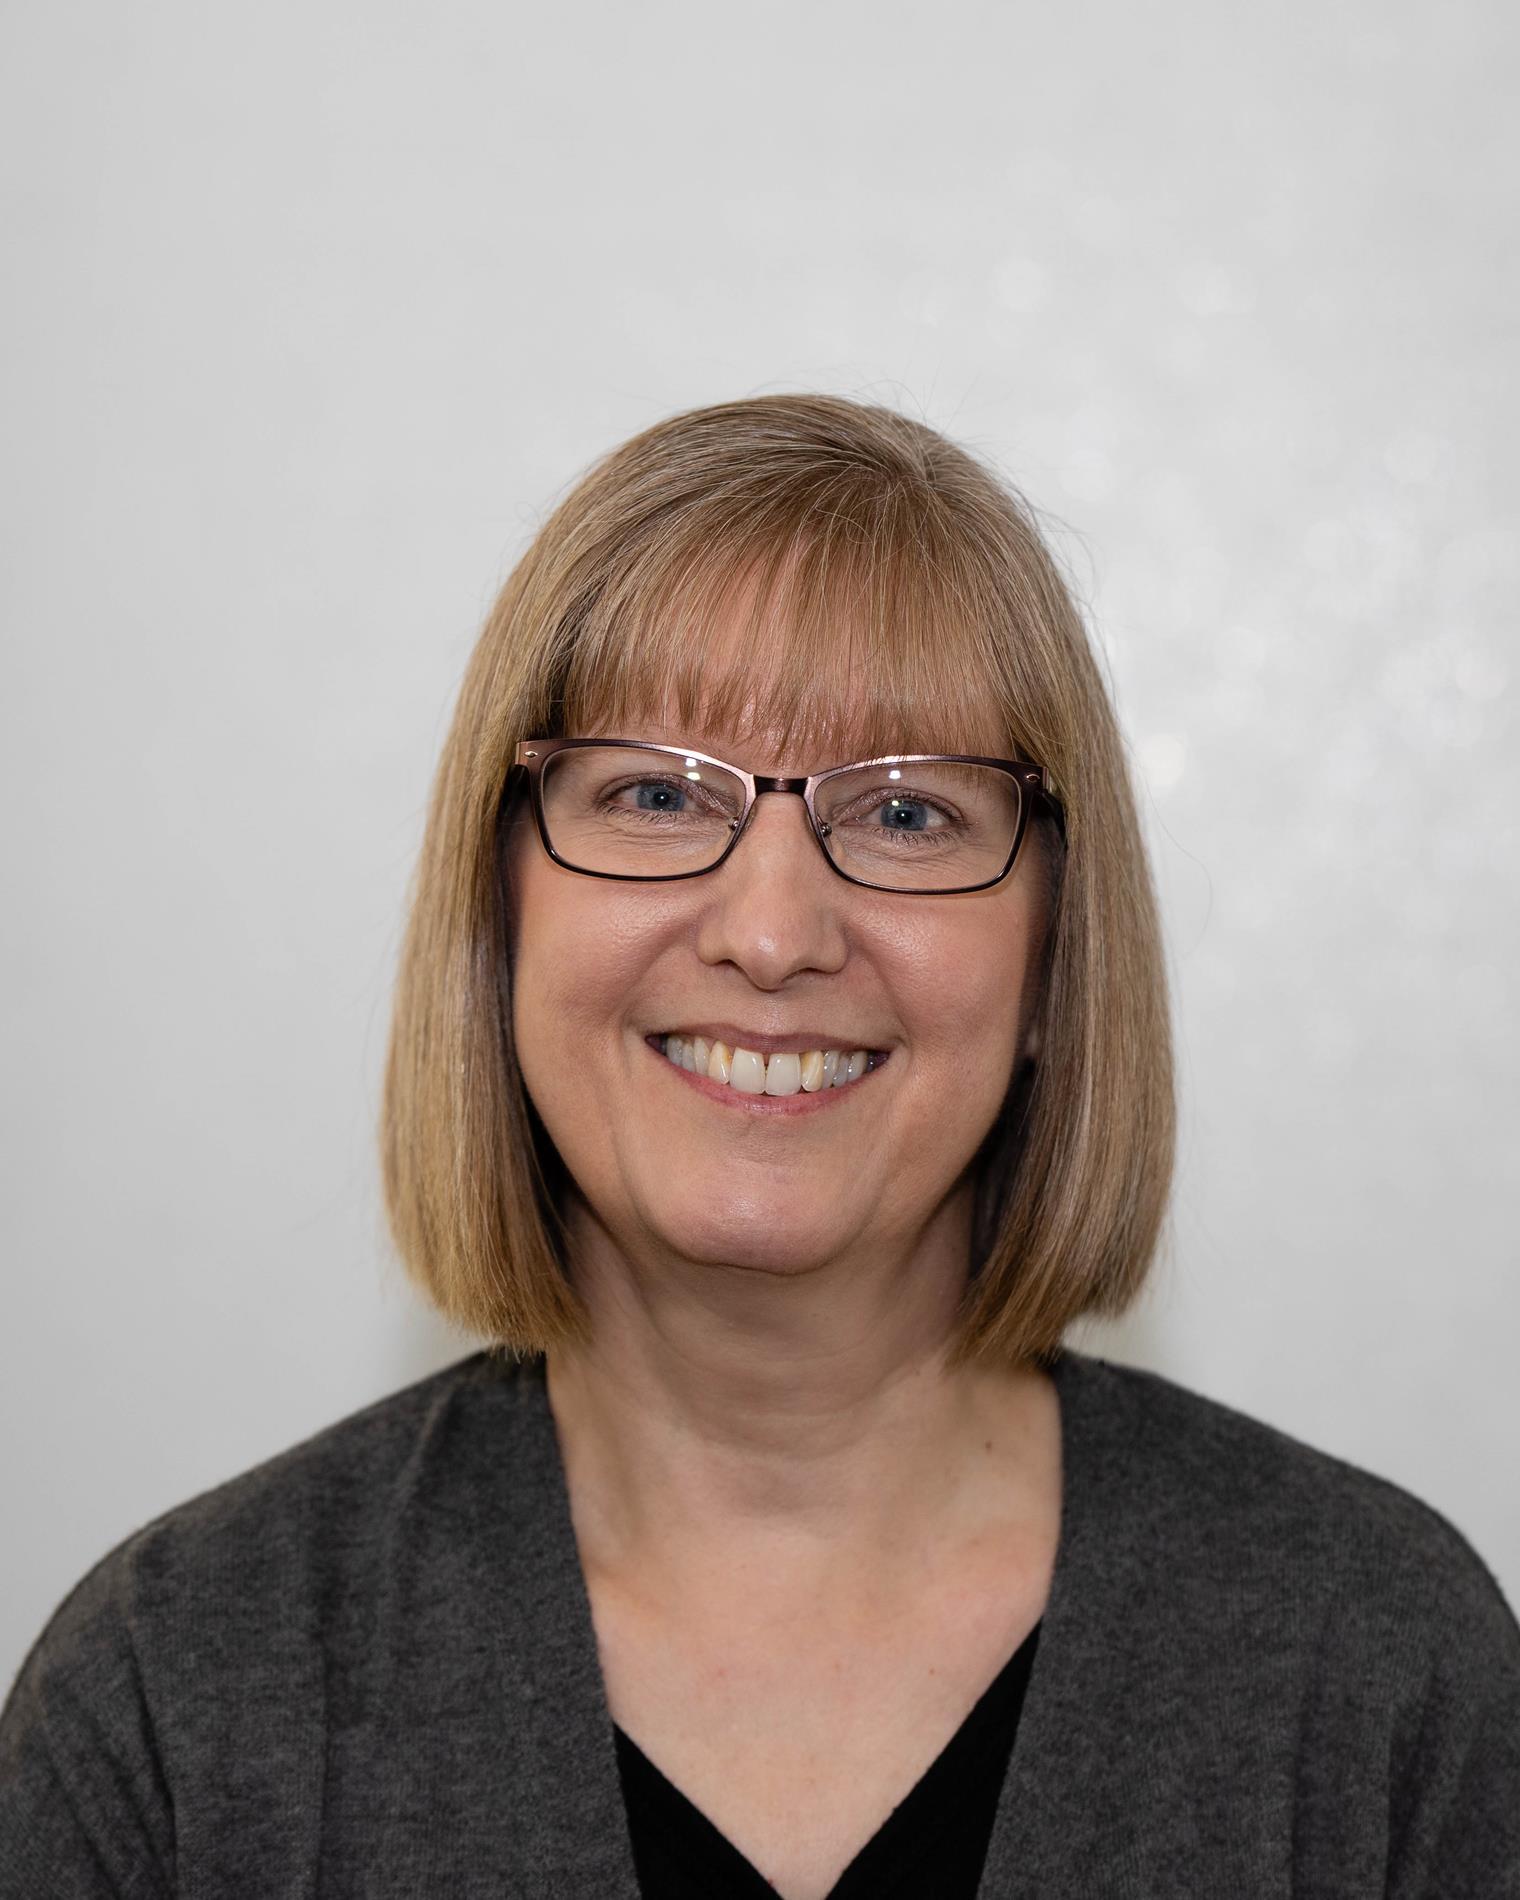 Suzanne Hinrichs